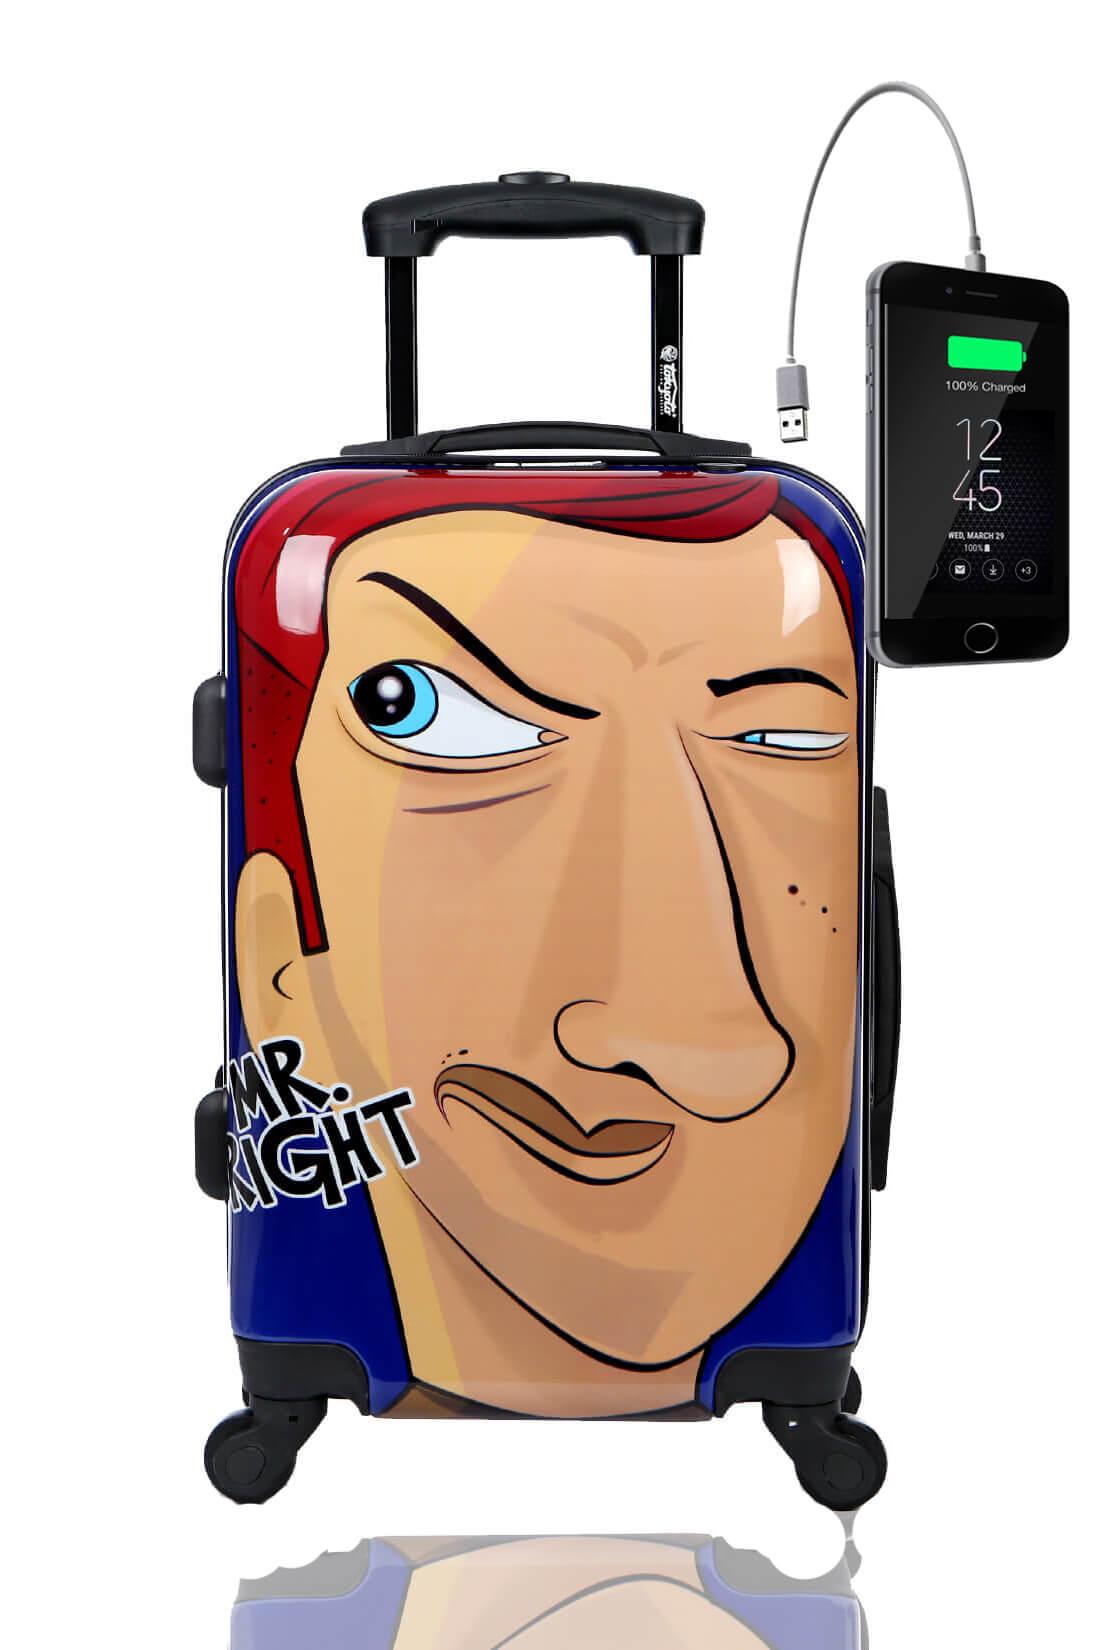 Kindertrolley Kindergepäck Reisekoffer Hartschalen-Koffer Trolley Rollkoffer Reisekoffer mit TSA-Schloss und 4 Rollen MISTER RIGHT